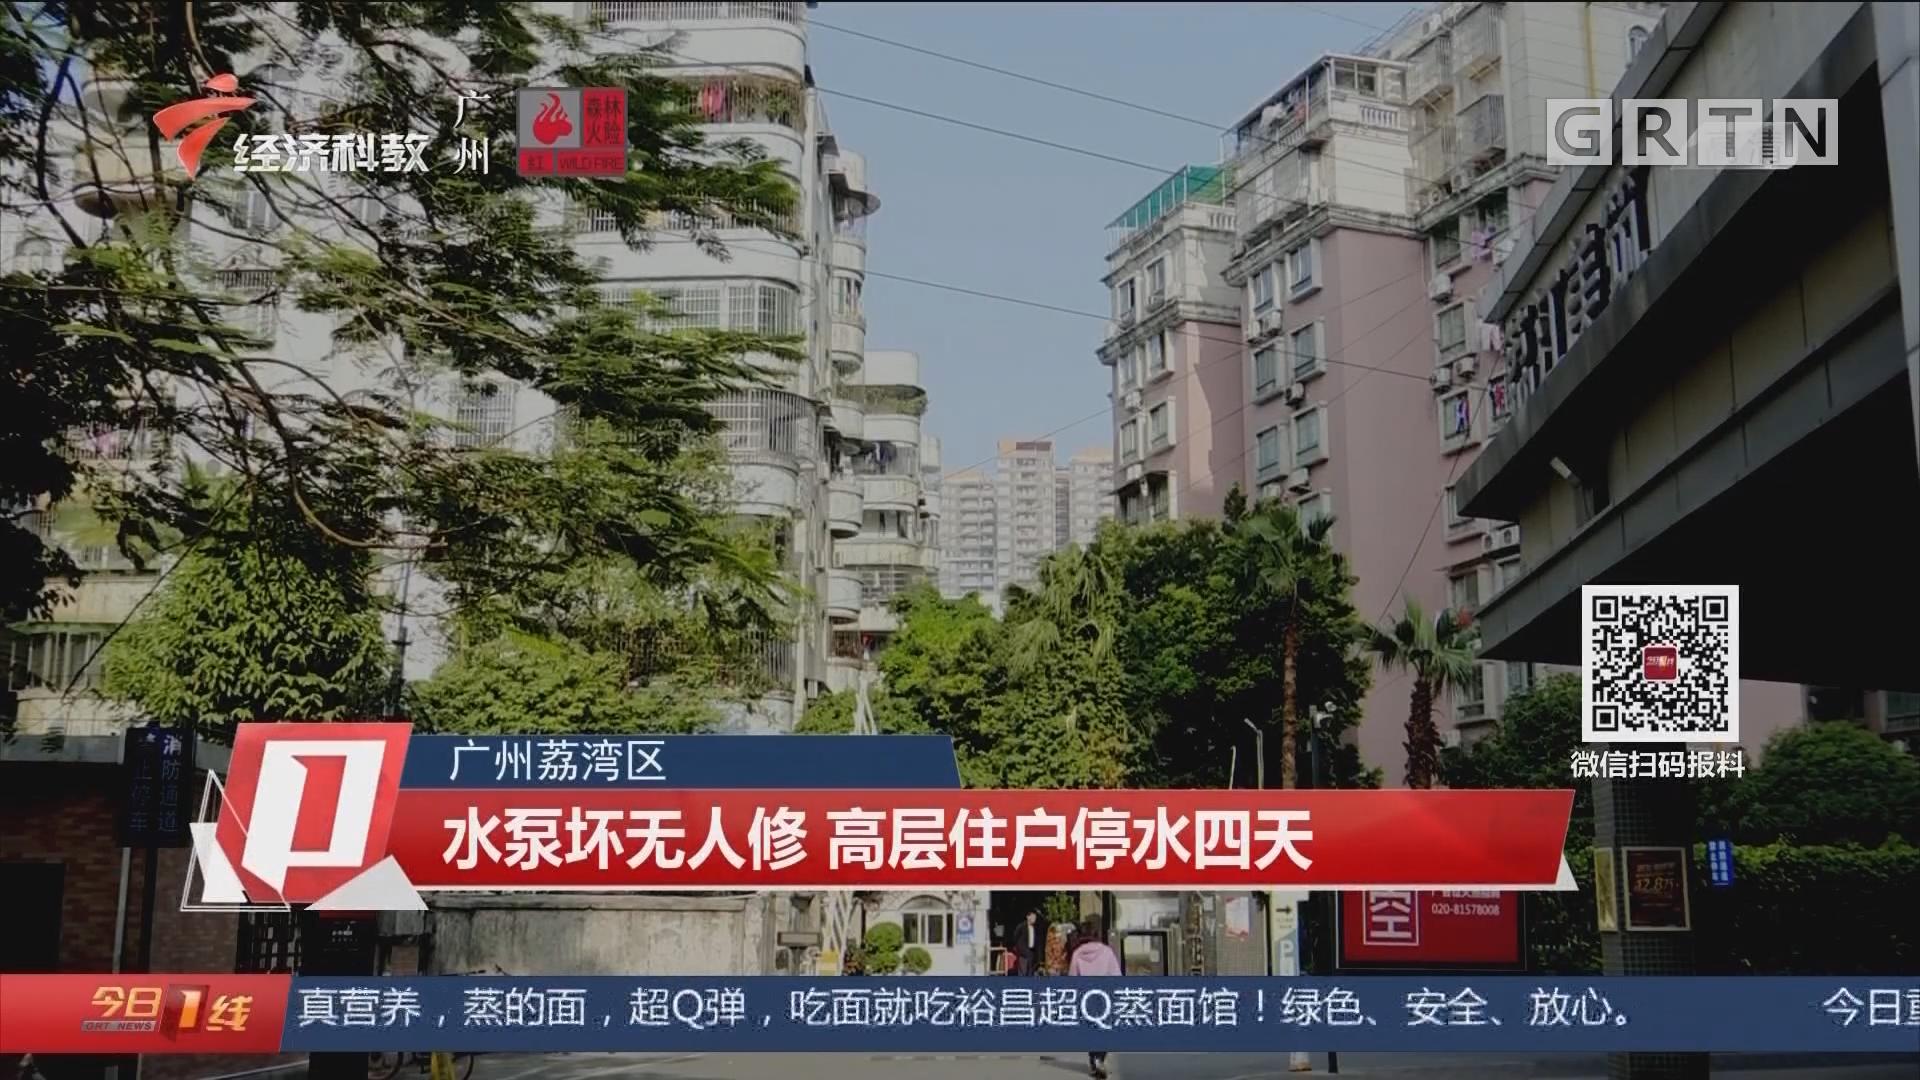 广州荔湾区 水泵坏无人修 高层住户停水四天